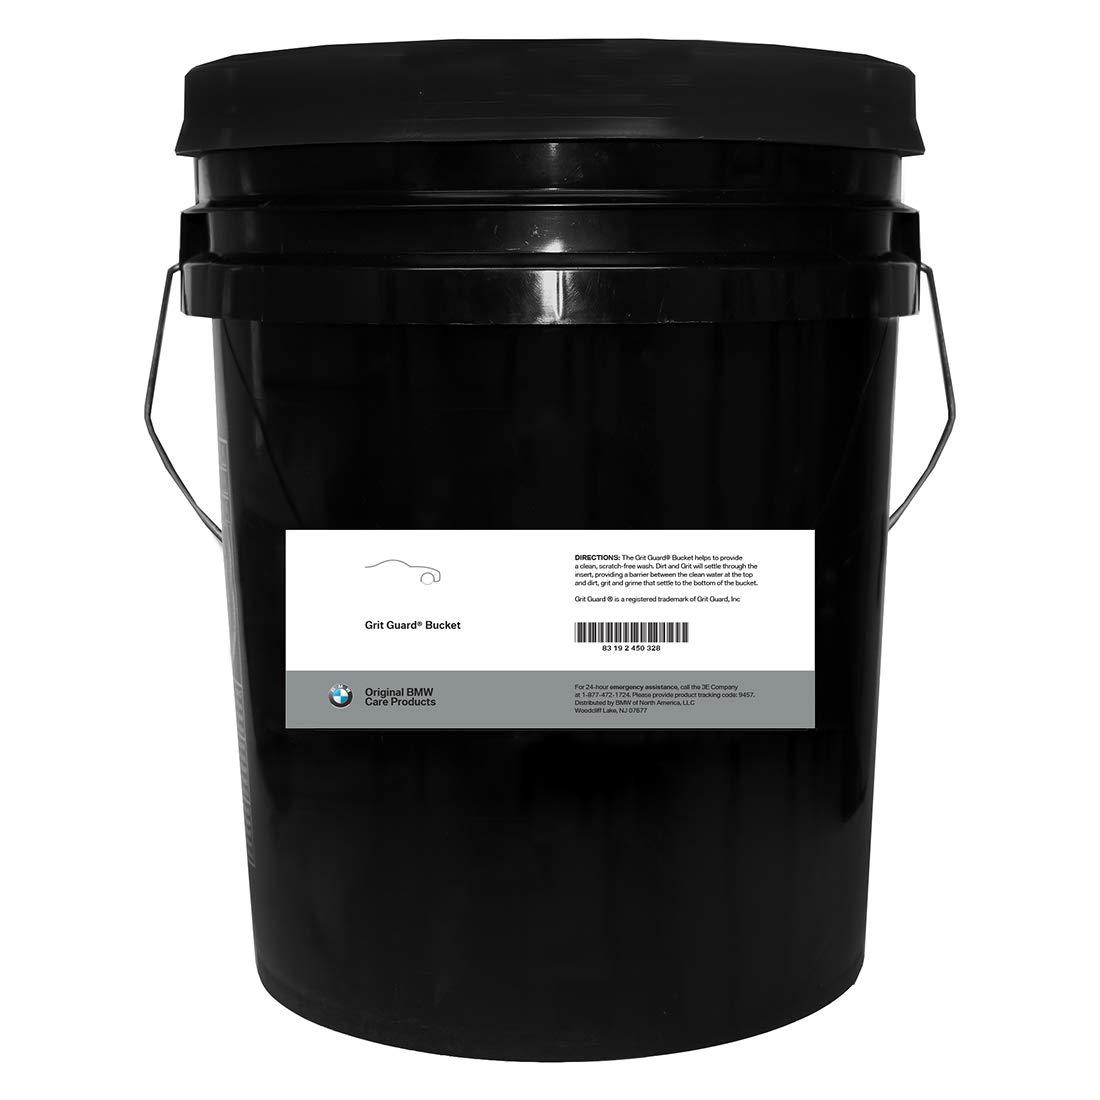 BMW Grit Guard Bucket